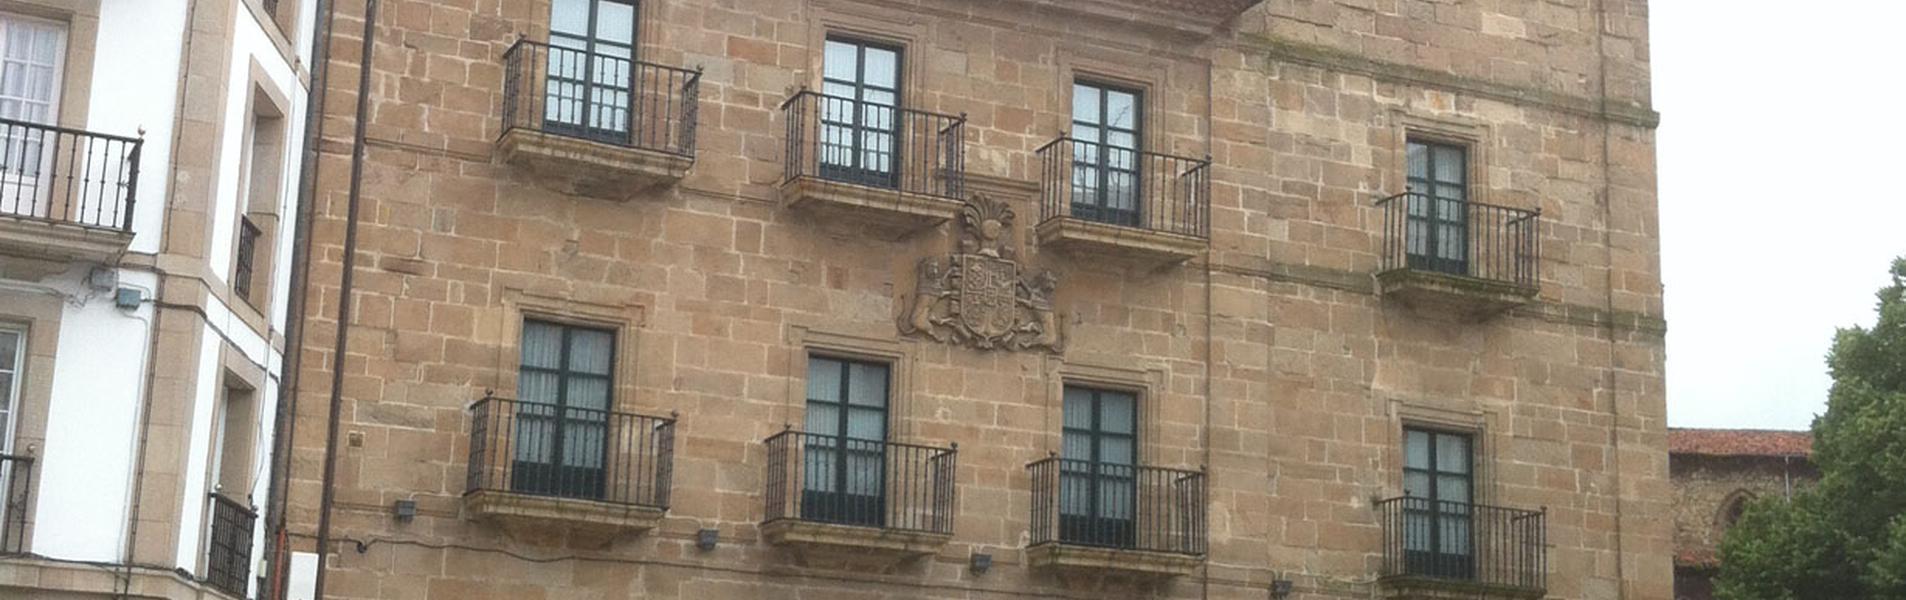 Palacio de los Ferrera